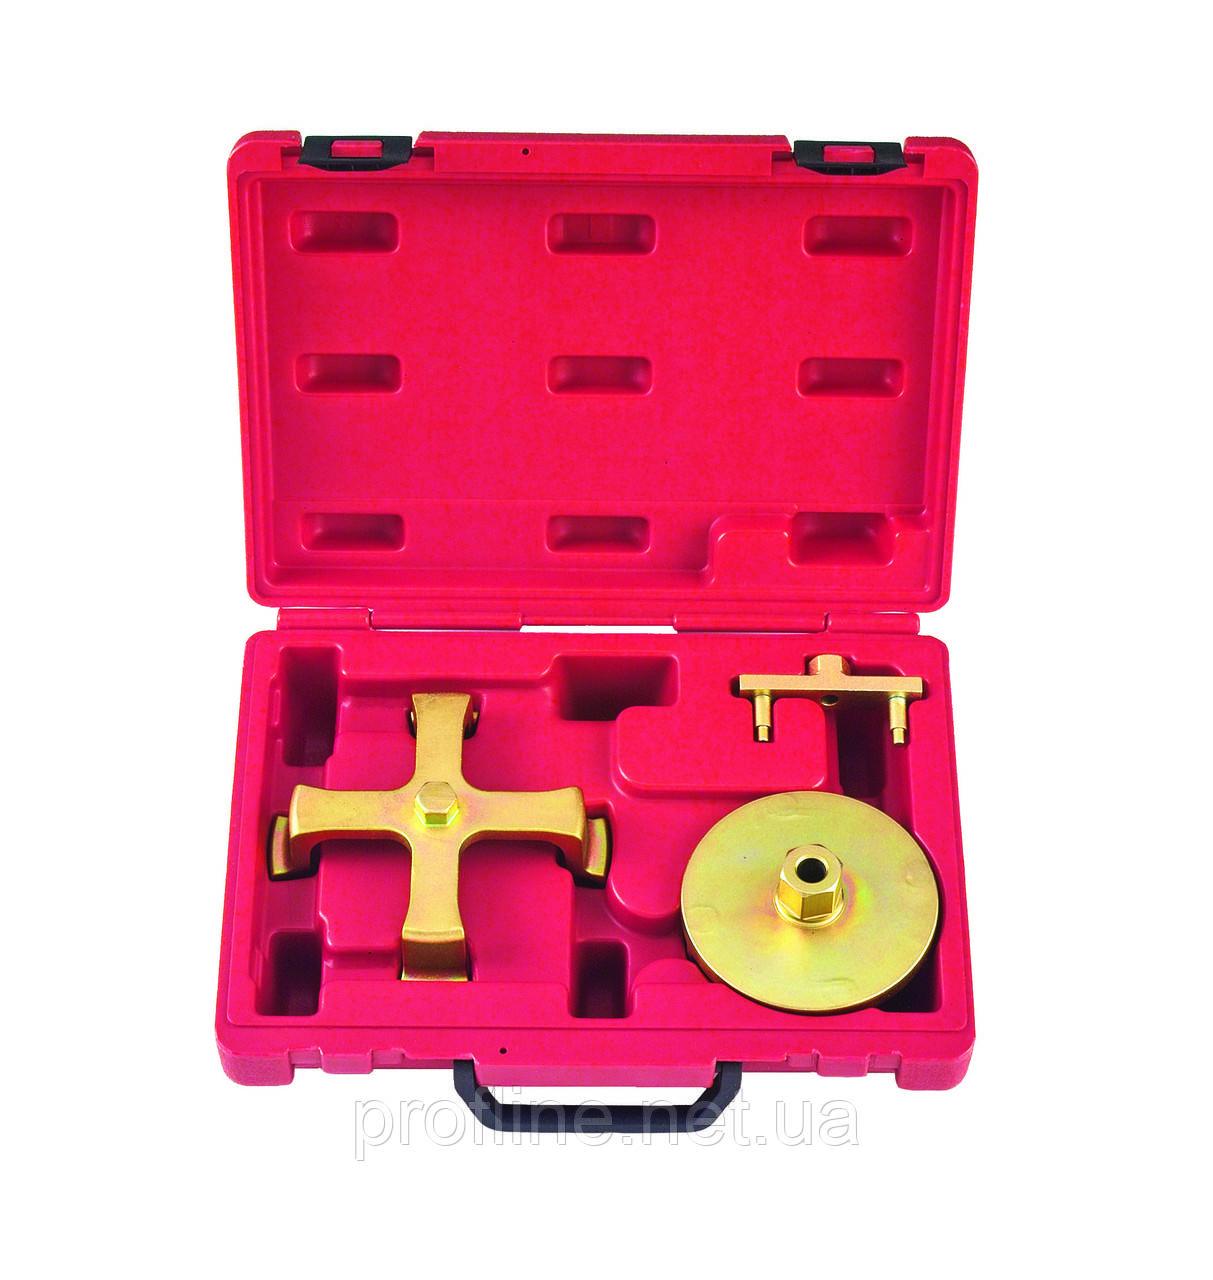 Ключ для крышки топливного насоса MERCEDES 3 пр. Force 903U2 F